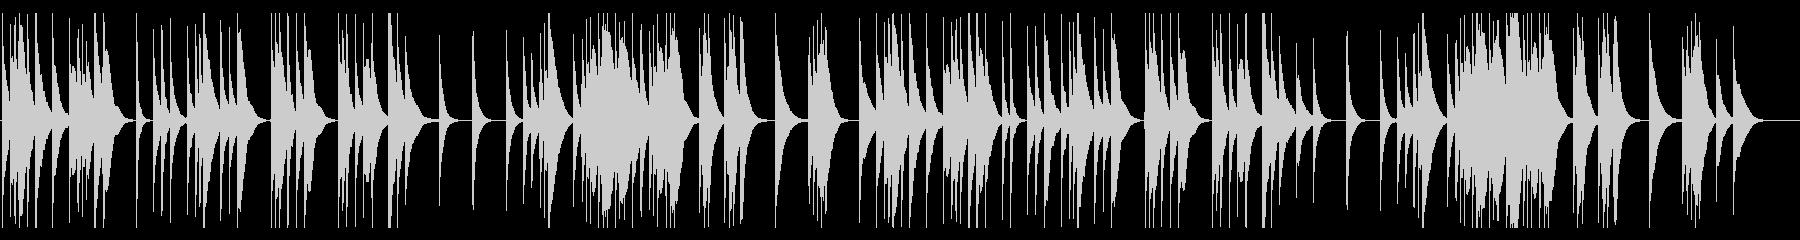 静かで落ち着いた料亭の琴の未再生の波形